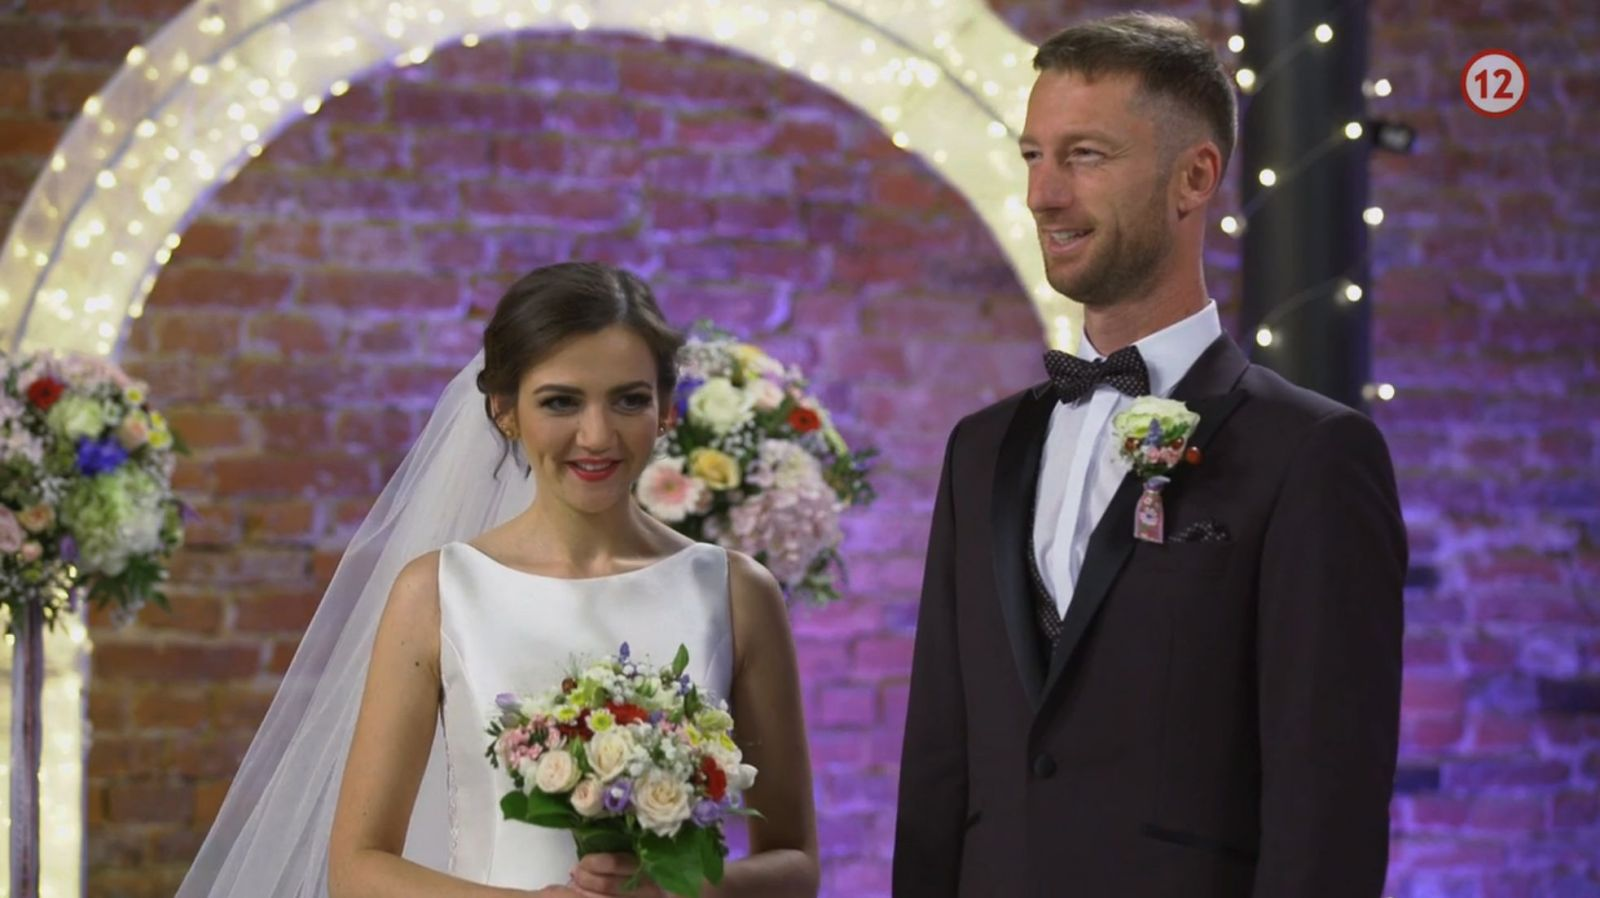 Markíza odvysielala bizarnú šou, v ktorej sa zosobášili dvaja neznámi ľudia. Aký bol prvý diel svadby na slepo?